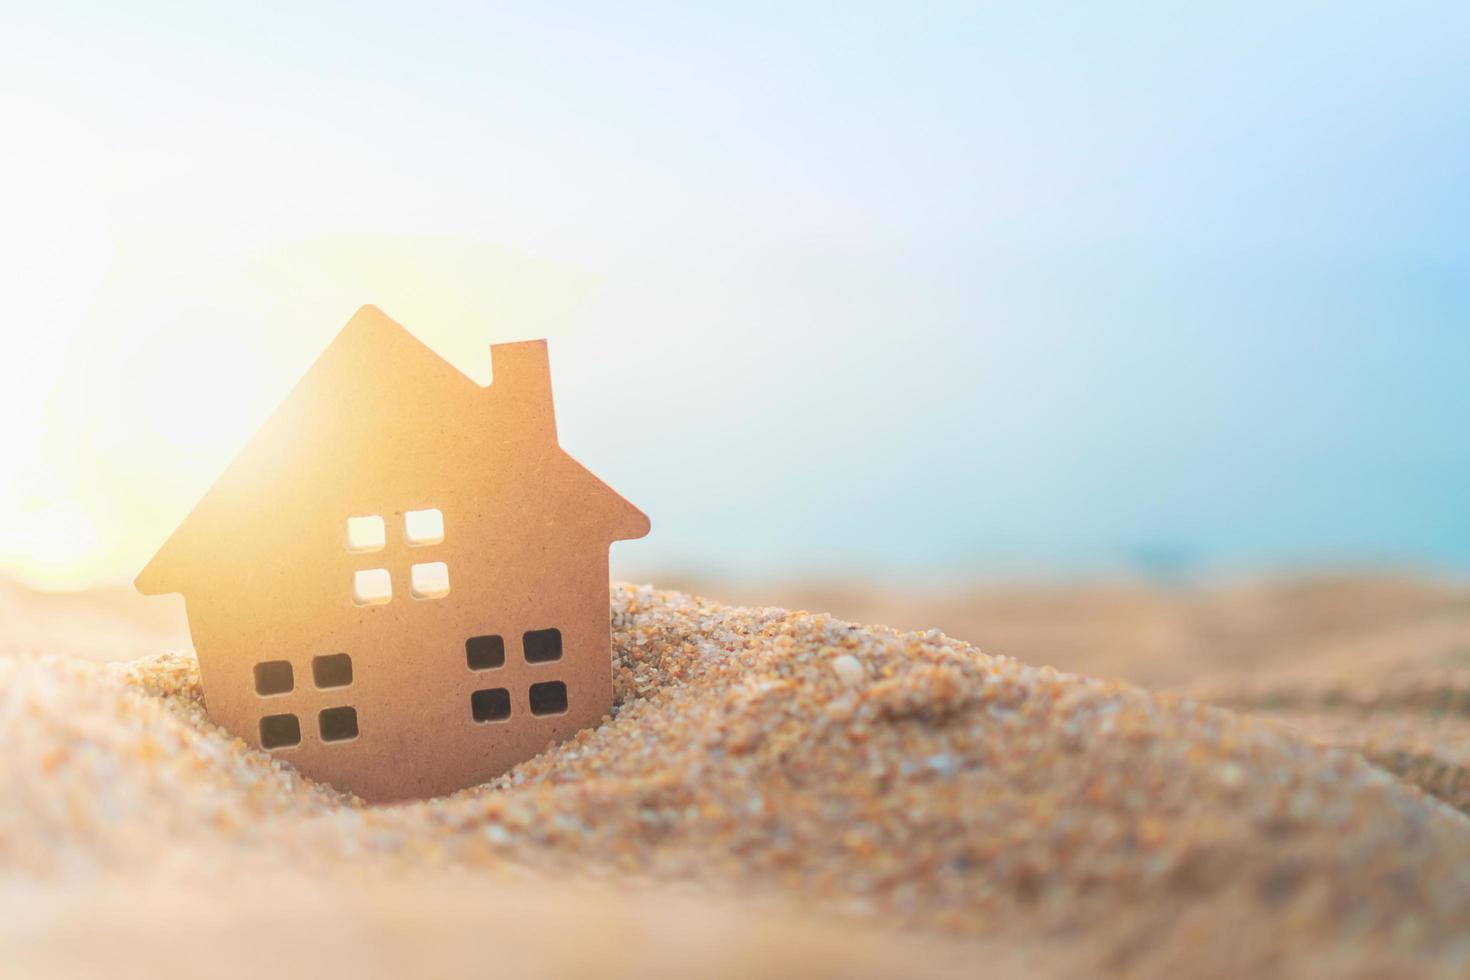 primer plano, de, un, diminuto, casa, modelo, en, la arena, con, luz del sol, plano de fondo foto